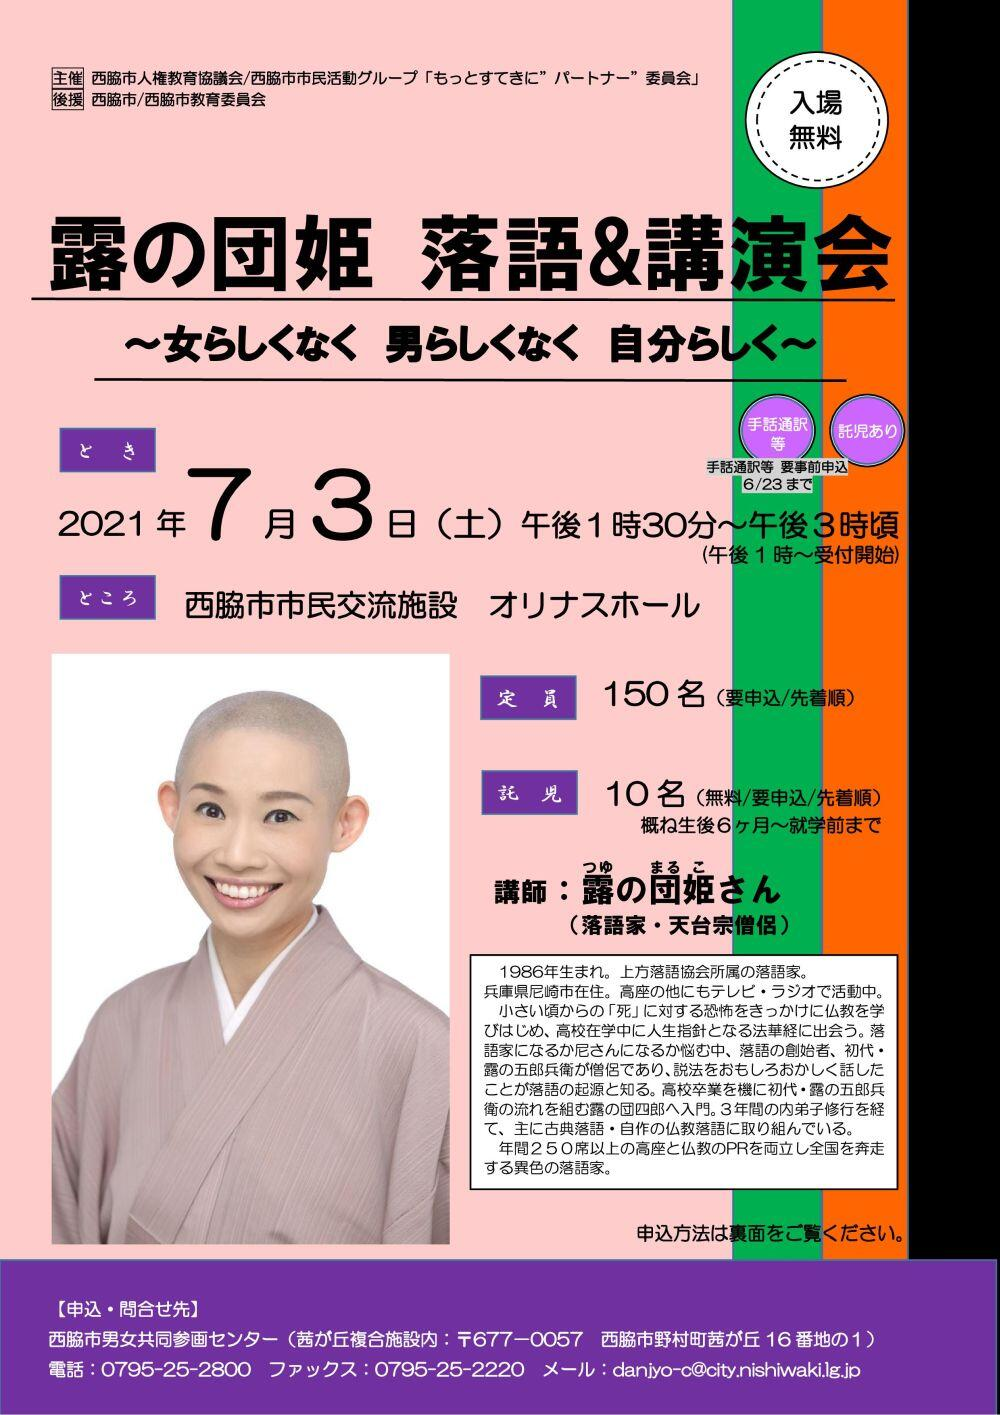 7/3 露の団姫(まるこ) 落語&講演会:オリナスホール